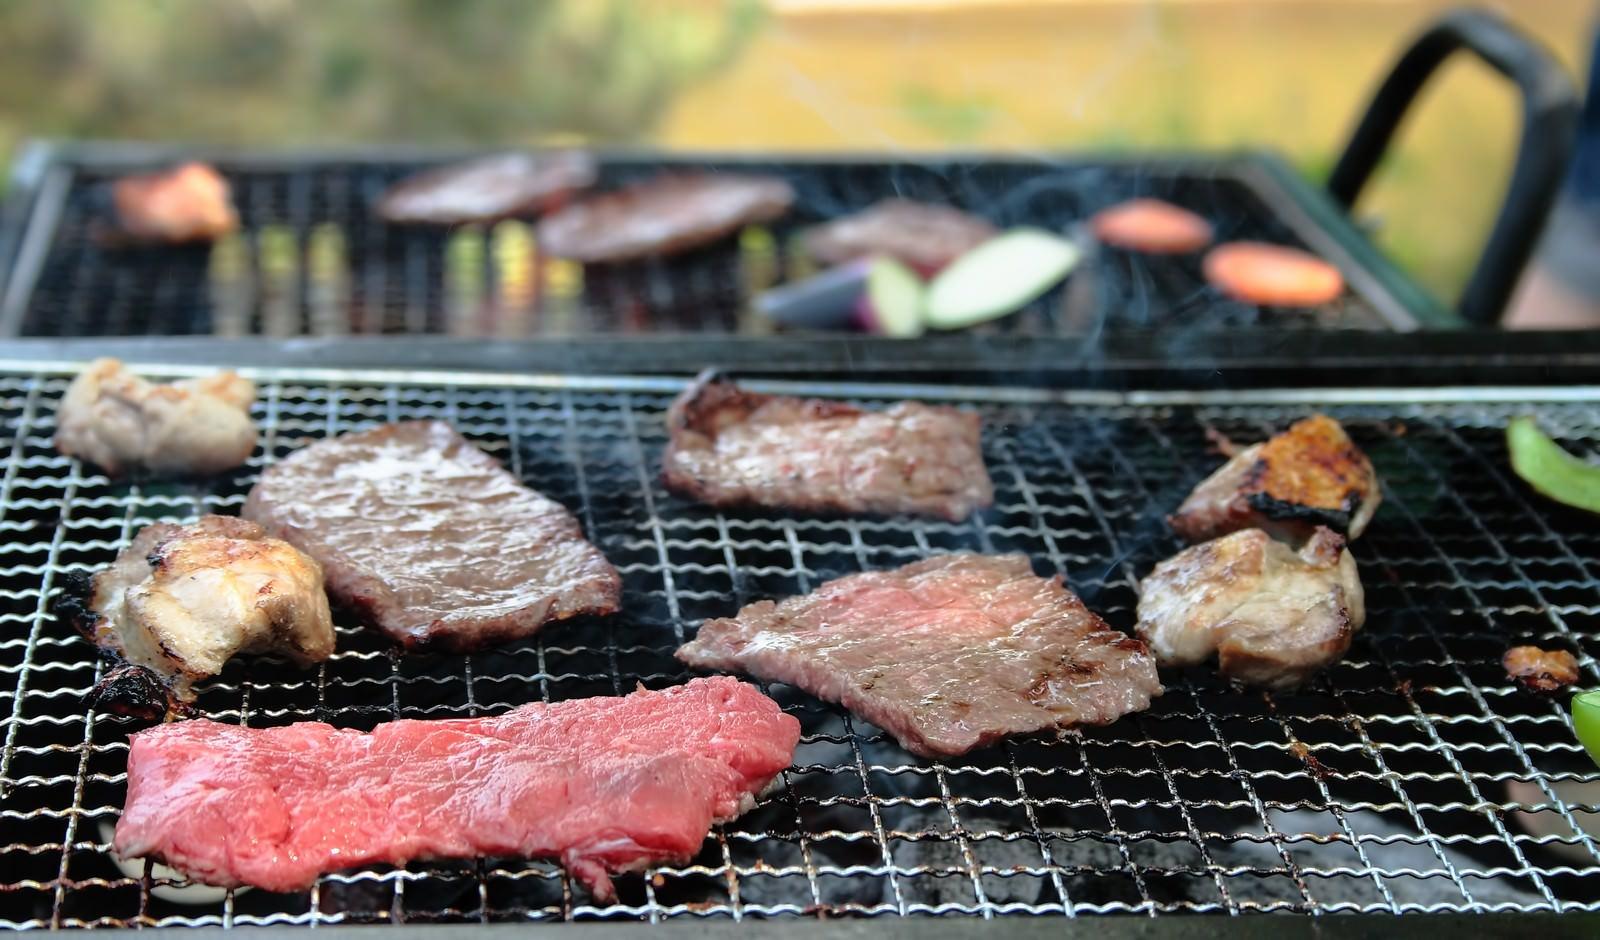 「お肉を焼くバーベキューの様子」の写真